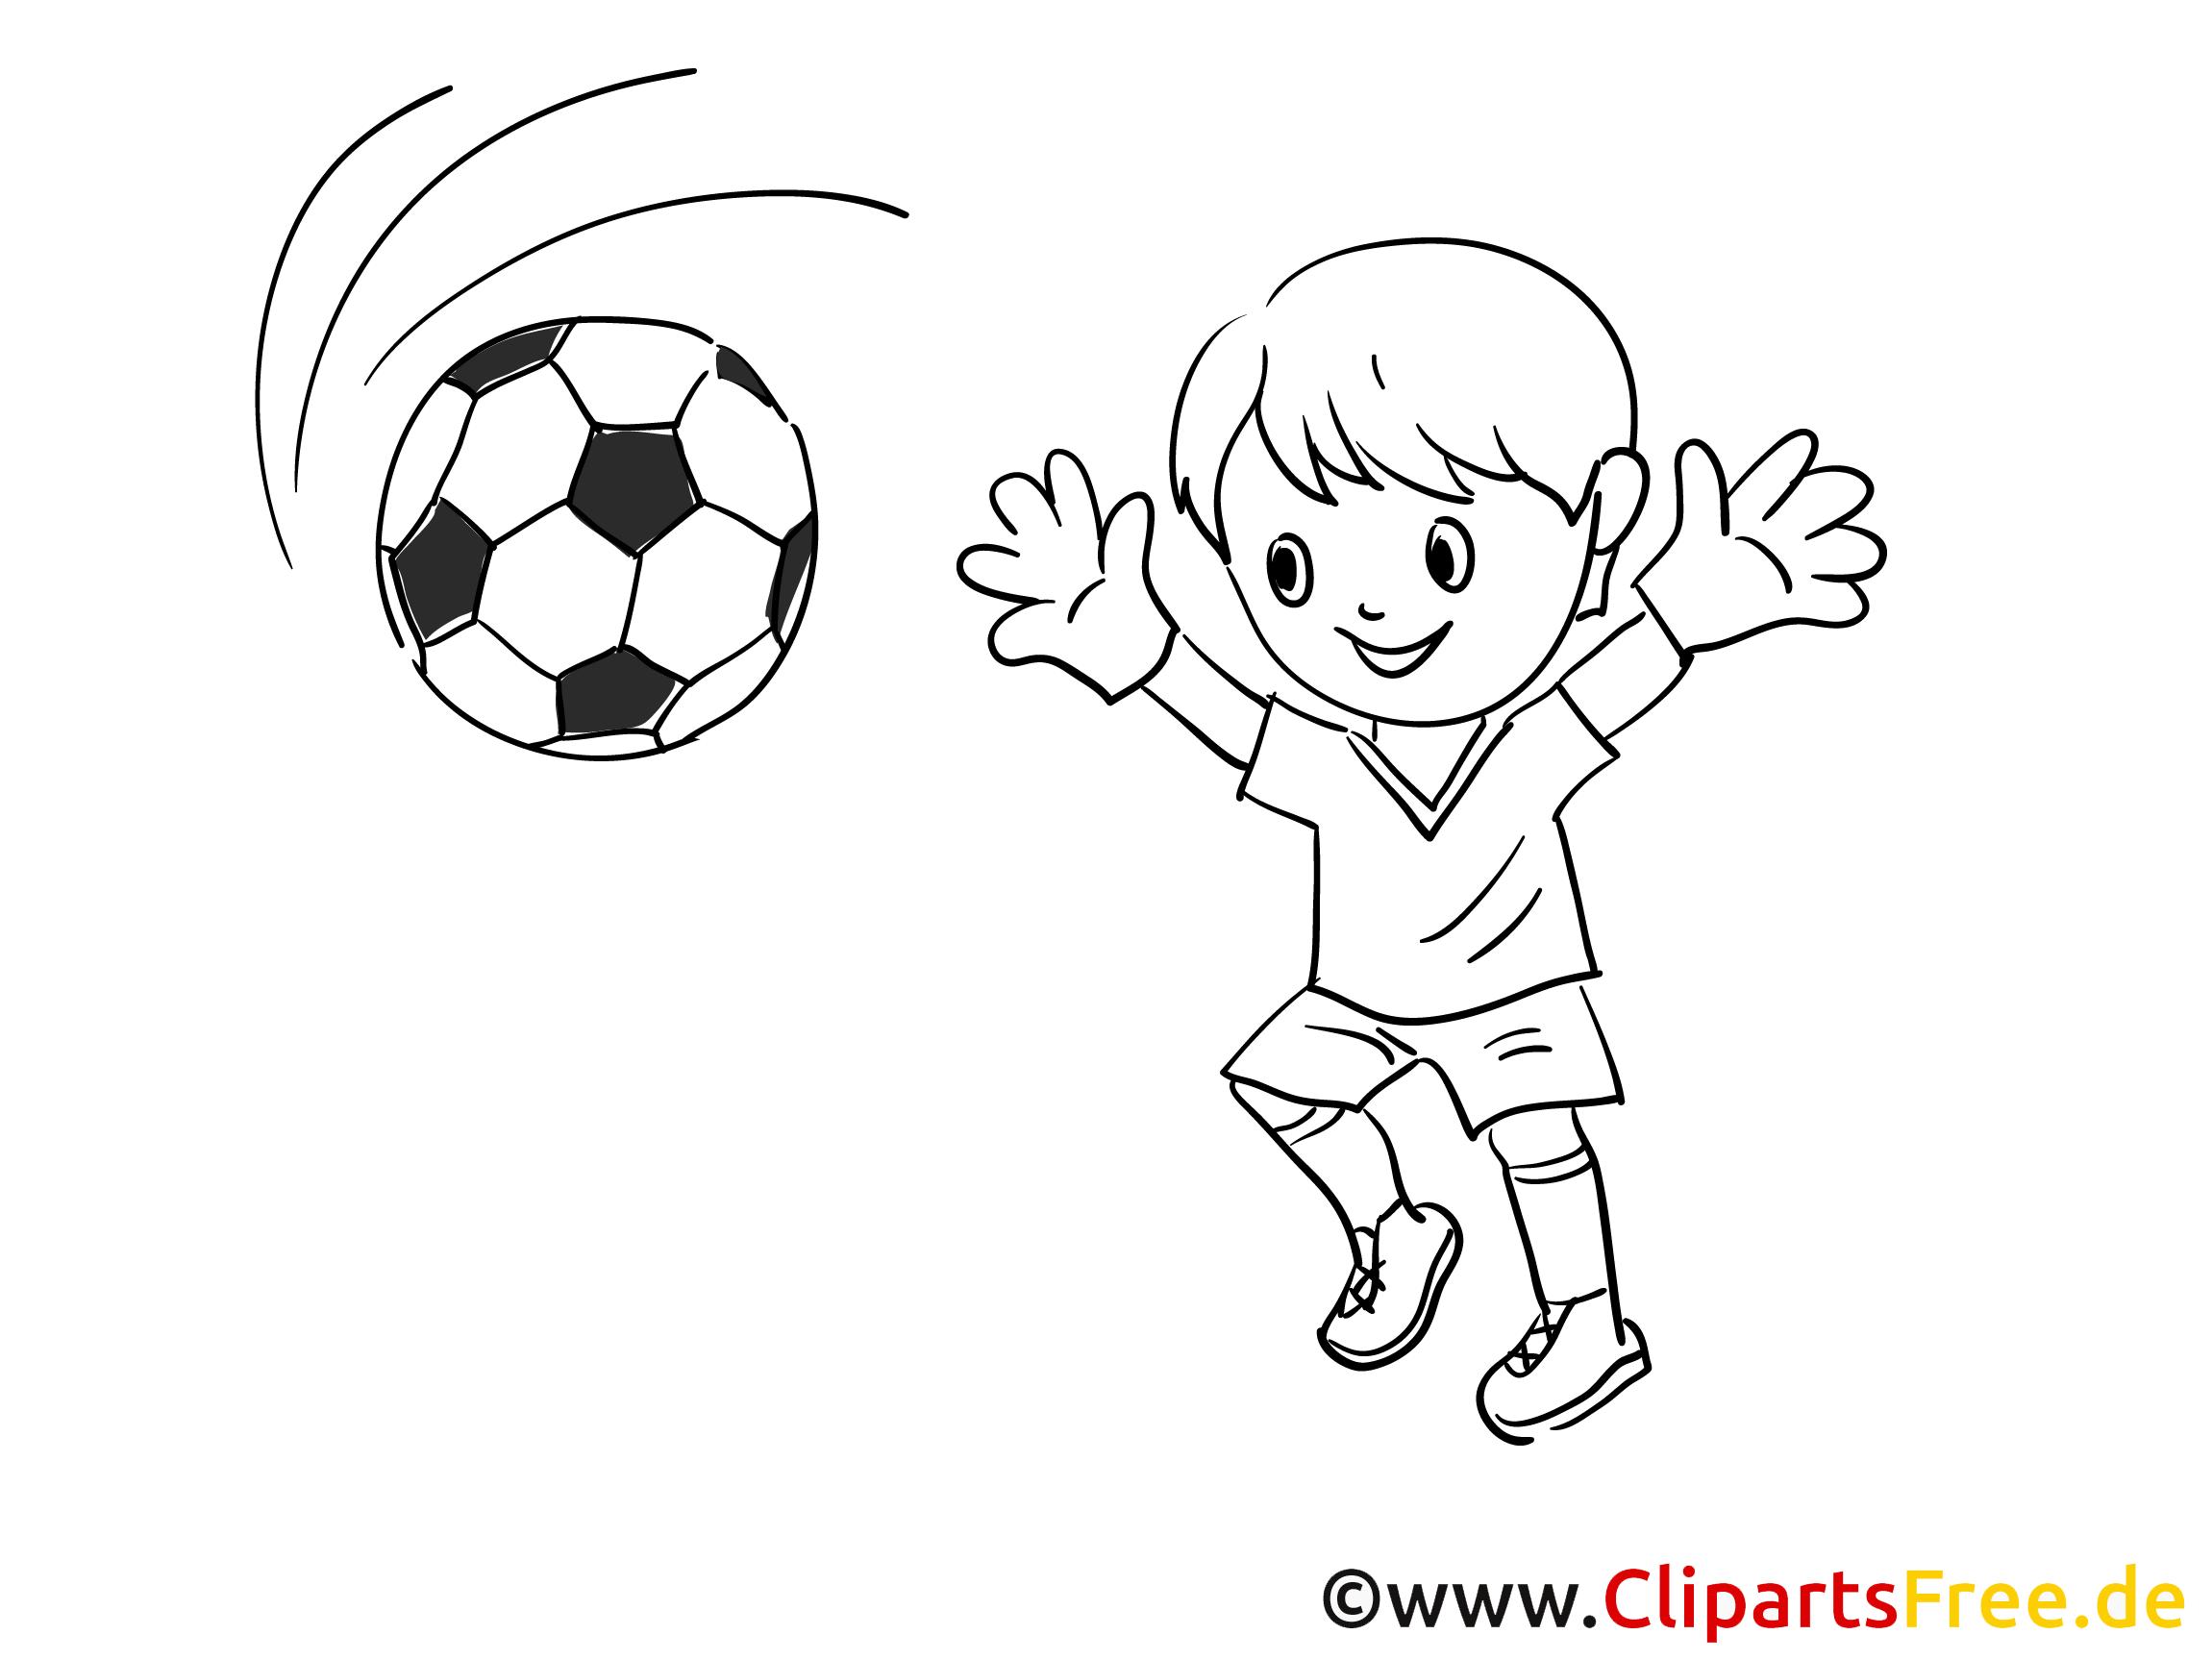 junge spielt fussball malvorlage gratis